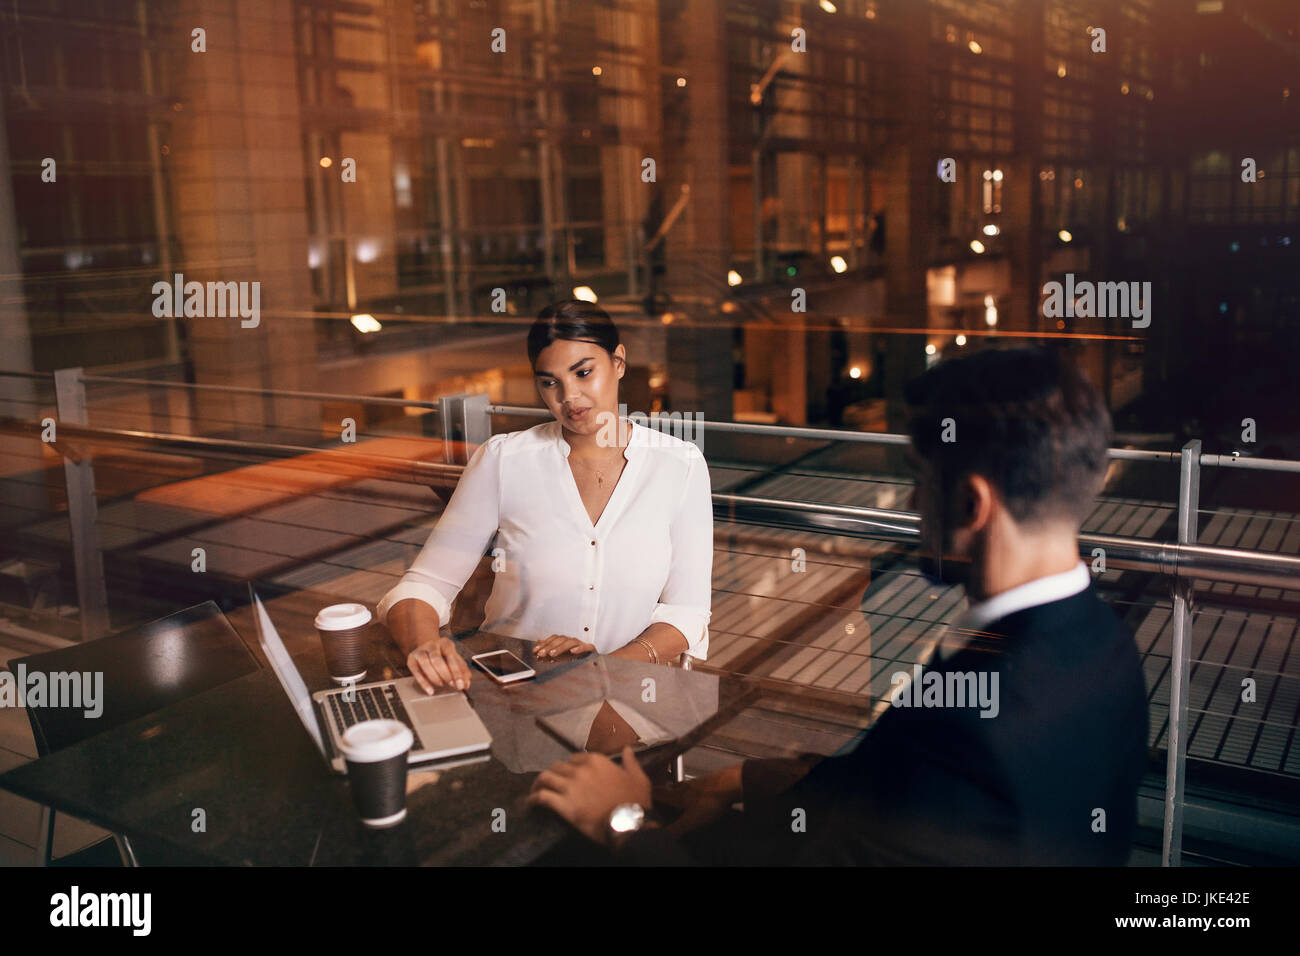 Imprenditrice seduti al tavolo del bar con uomo a discutere di affari. La gente di affari in attesa in aeroporto Immagini Stock